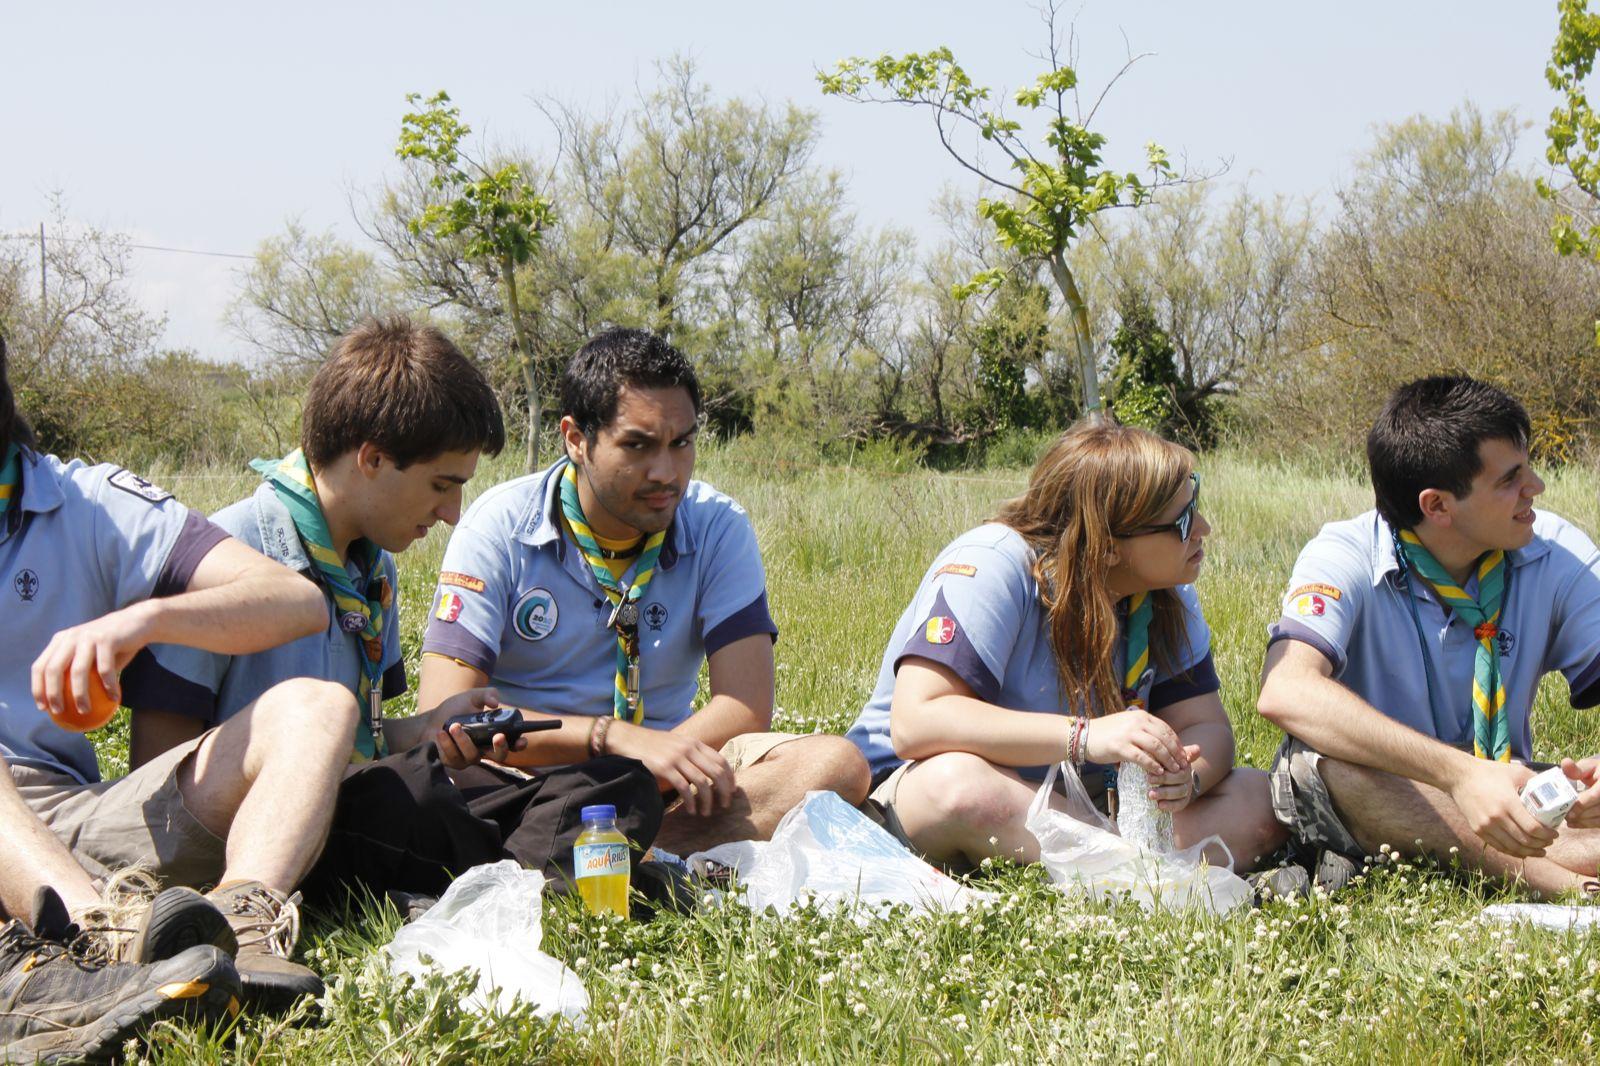 Campaments de Primavera de tot lAgrupament 2011 - _MG_1858.JPG